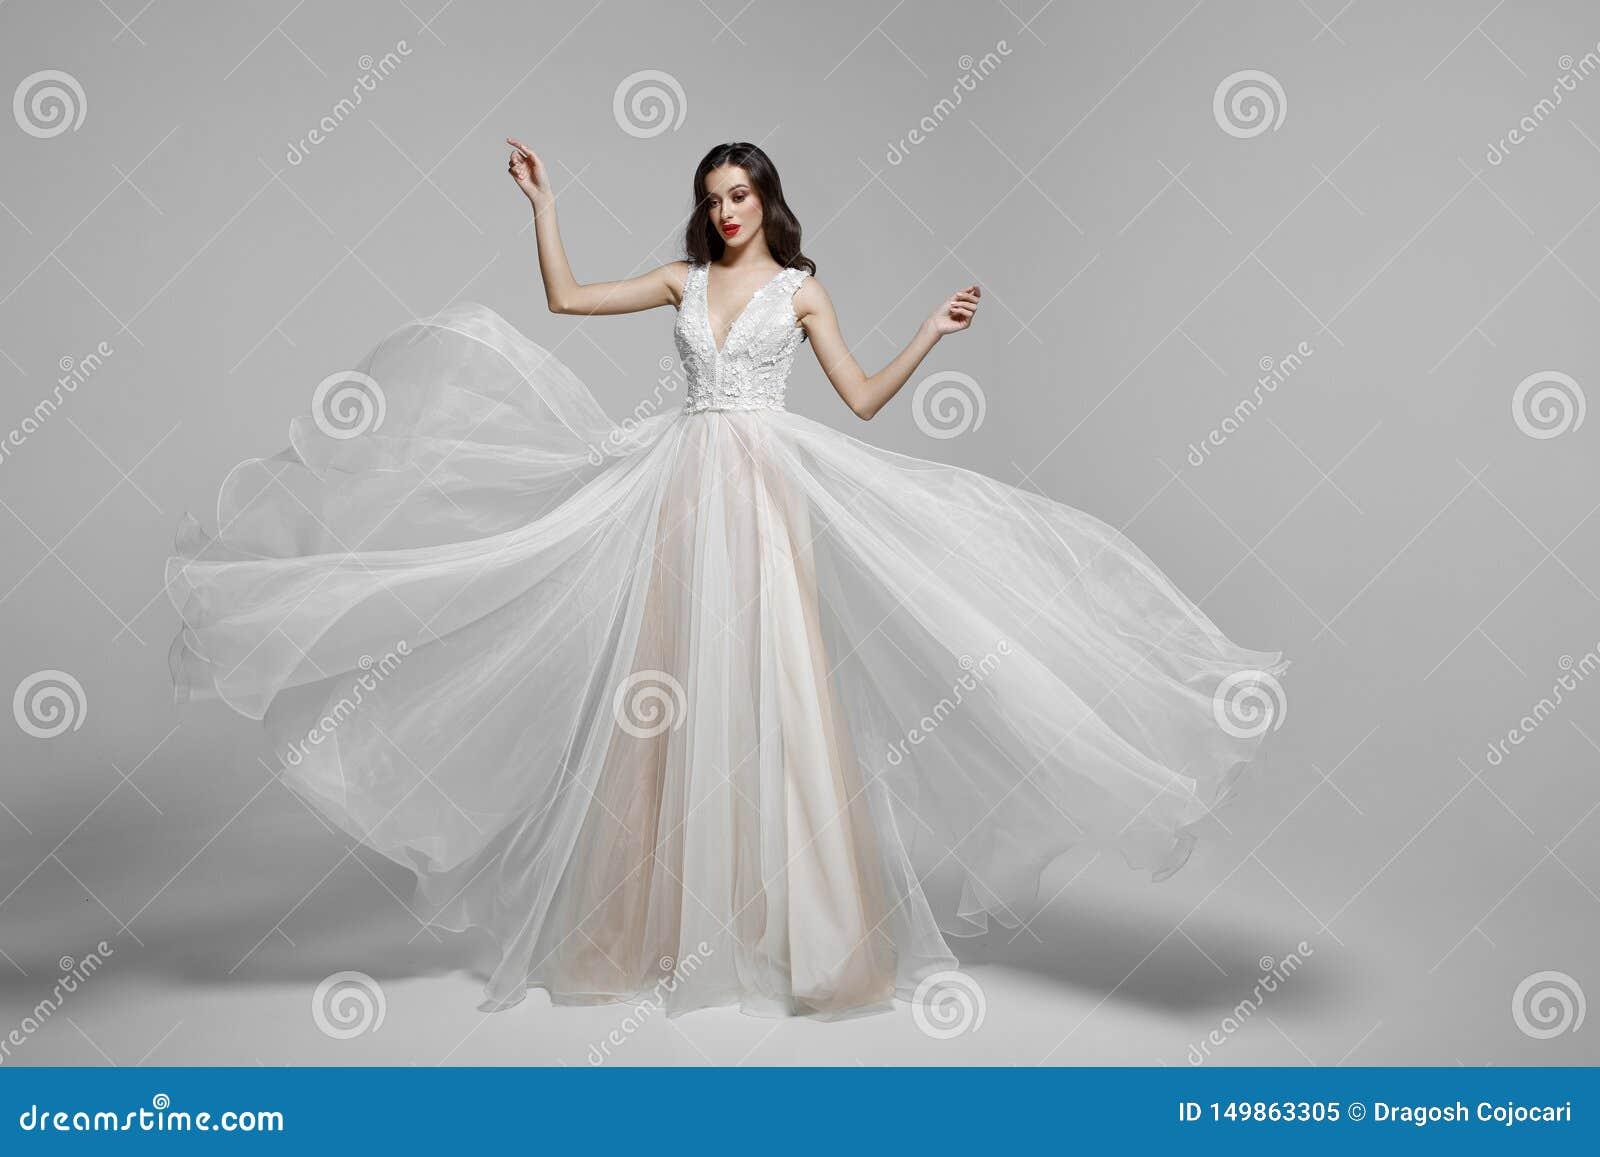 Πορτρέτο ομορφιάς μιας νέας γυναίκας στο μακρύ φόρεμα γαμήλιας μόδας στο κυματίζοντας πετώντας ύφασμα, ύφασμα που κυματίζει στον